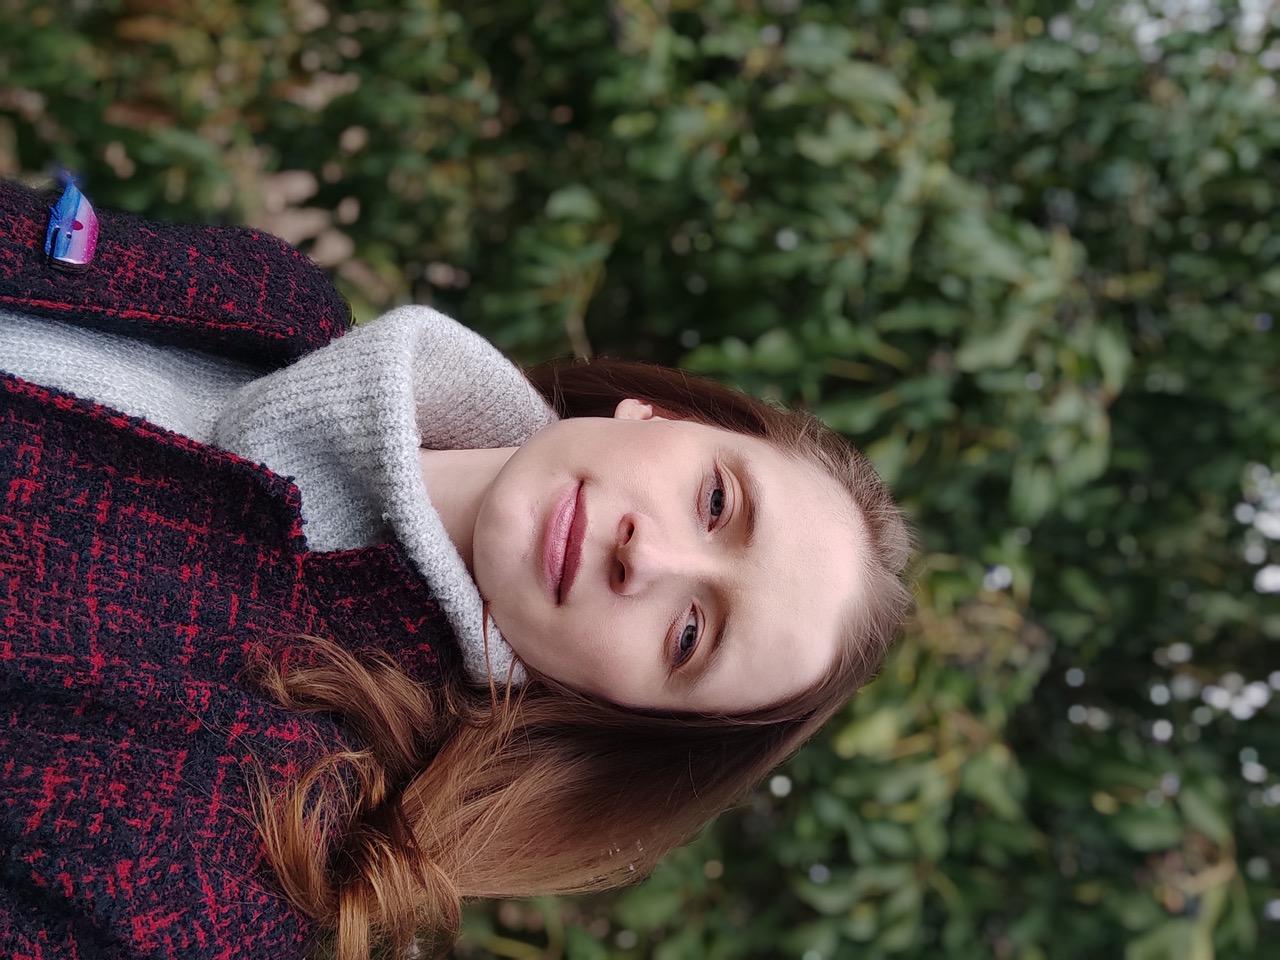 Polina Orekhova